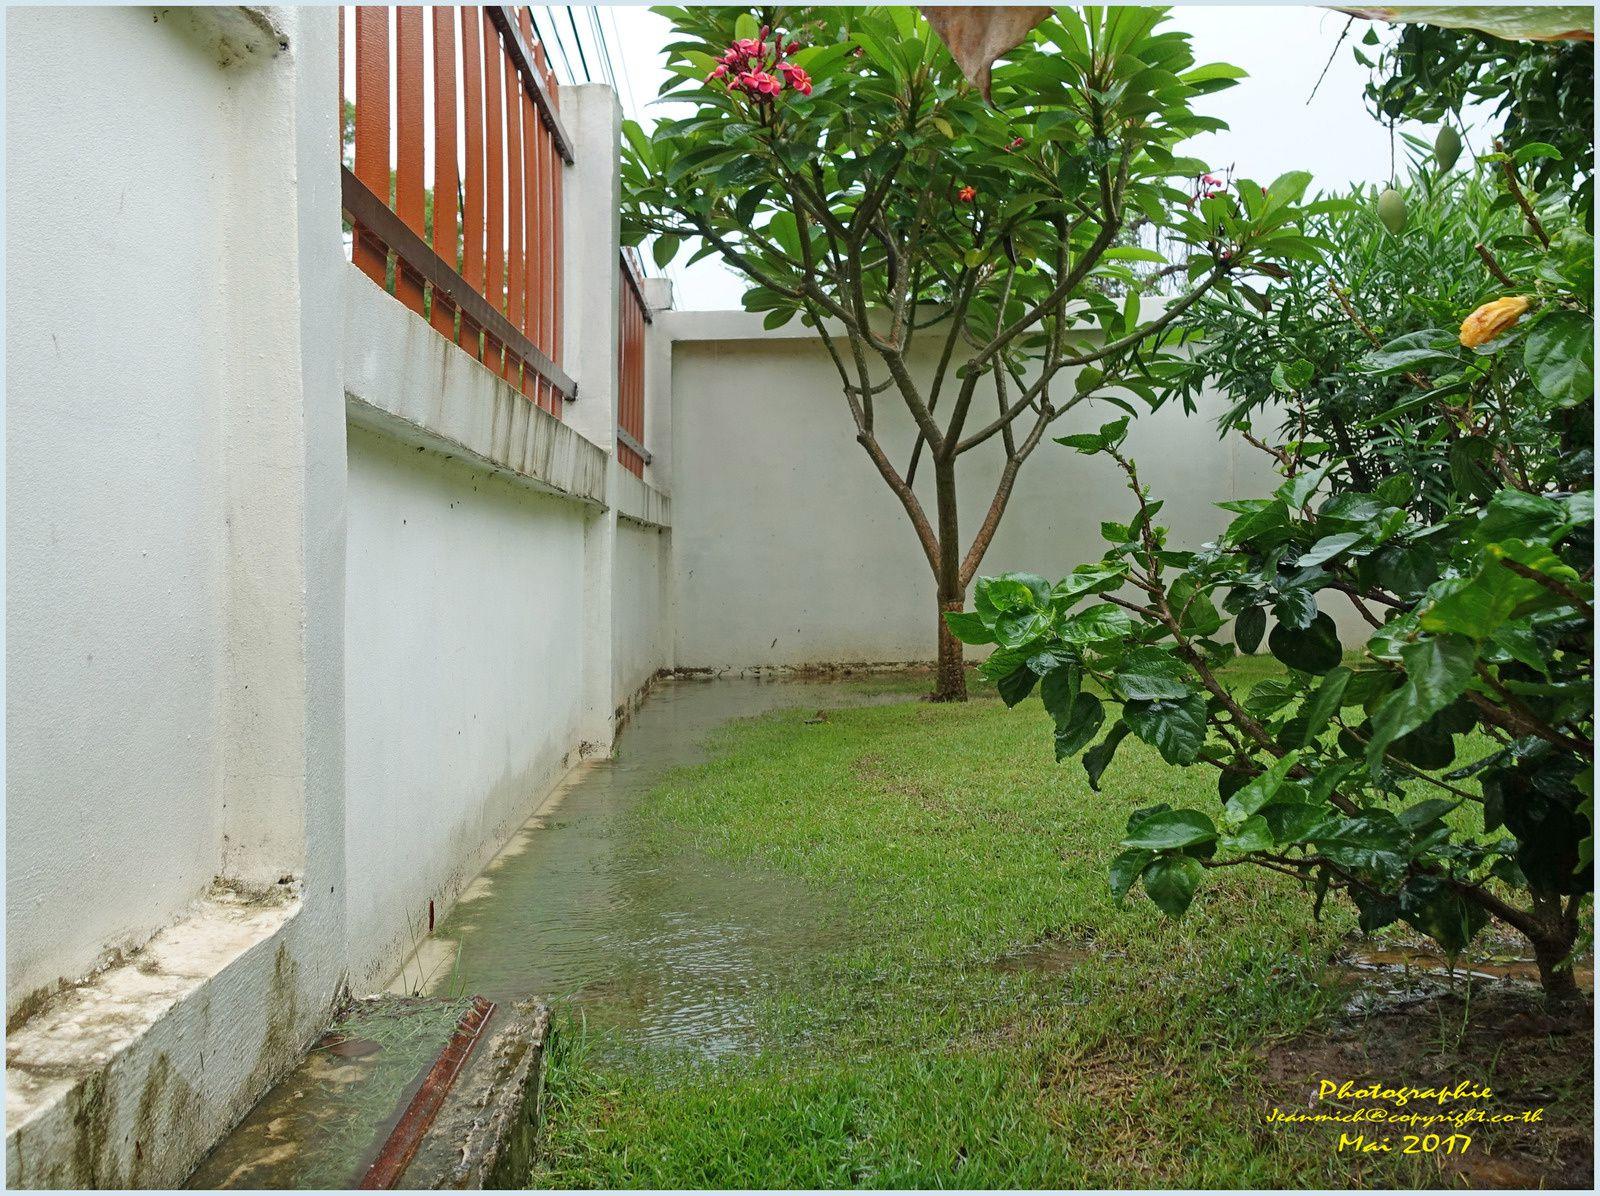 La mousson est bel et bien arrivée....(Thaïlande)